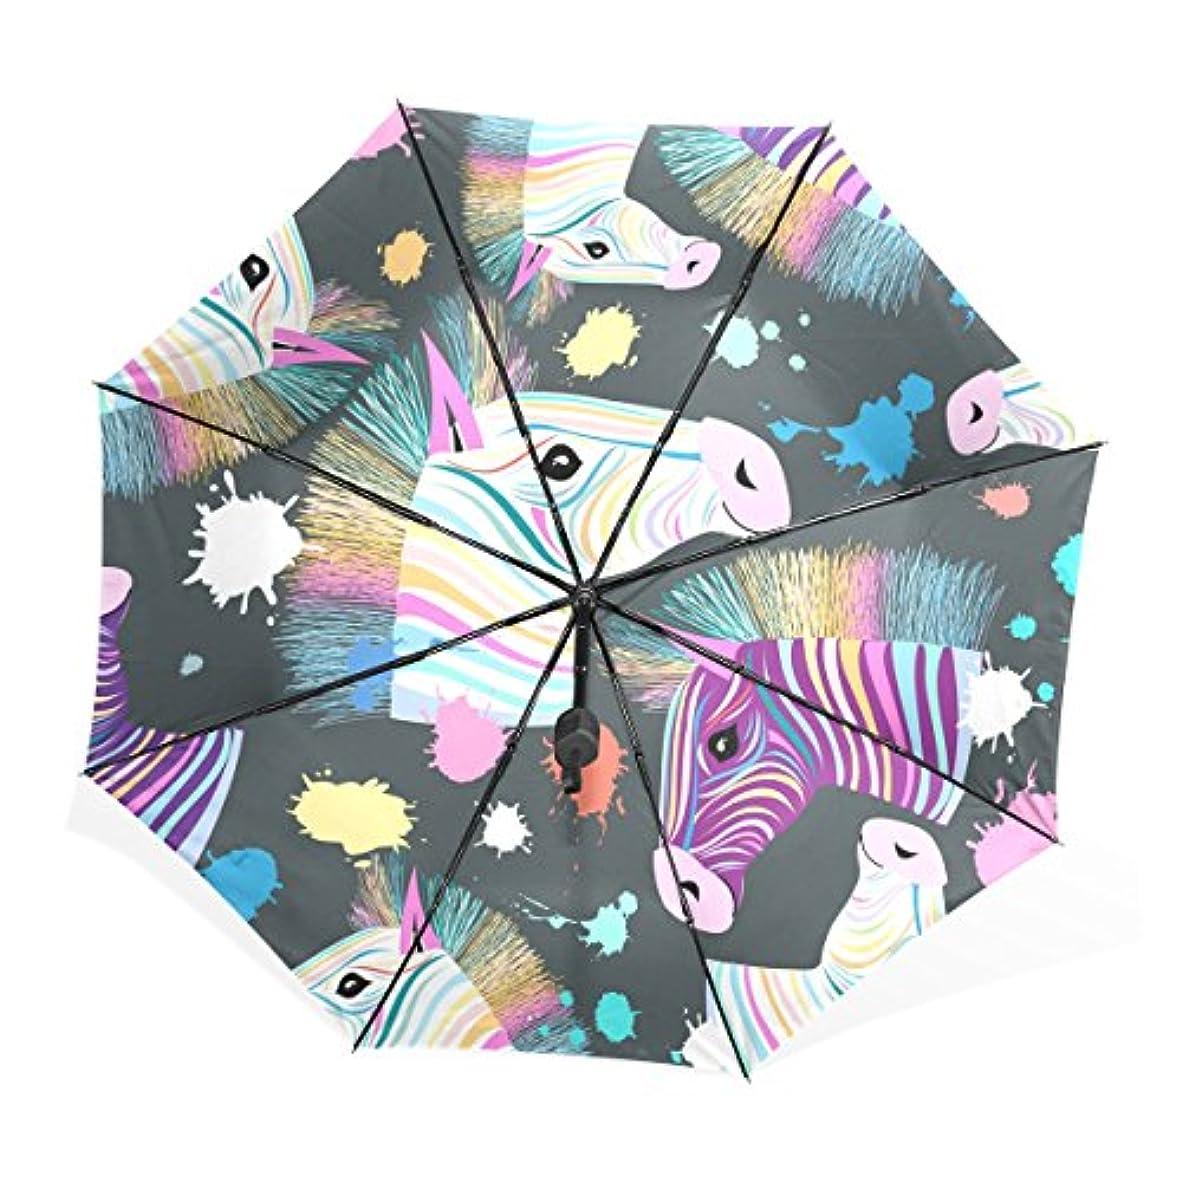 熟した報復する弱めるマキク(MAKIKU) 折り畳み傘 レディース 晴雨兼用 手開き 日傘 軽量 馬 かわいい カラフル uvカット 紫外線対策 頑丈な8本骨 三つ折り 収納ケース付 携帯用傘